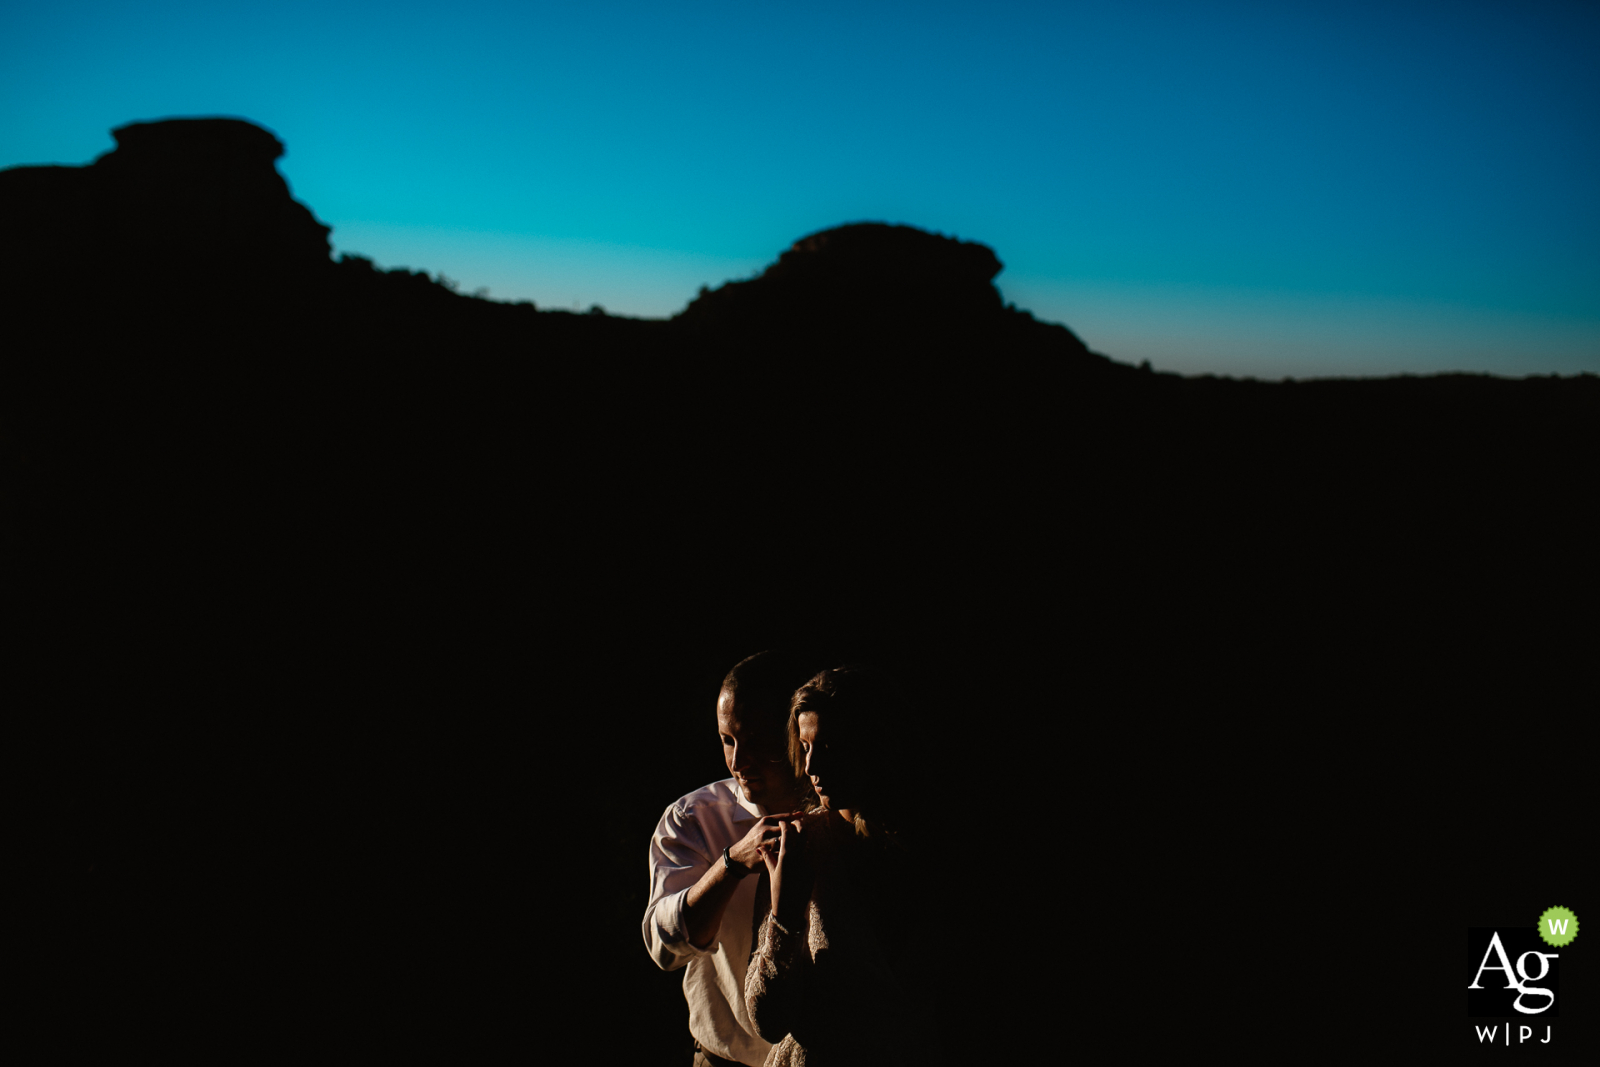 Minas do Camaquá - Rio Grande do Sul wedding venue photography | Portrait of the bride and groom near sunset with off camera flash - OCF